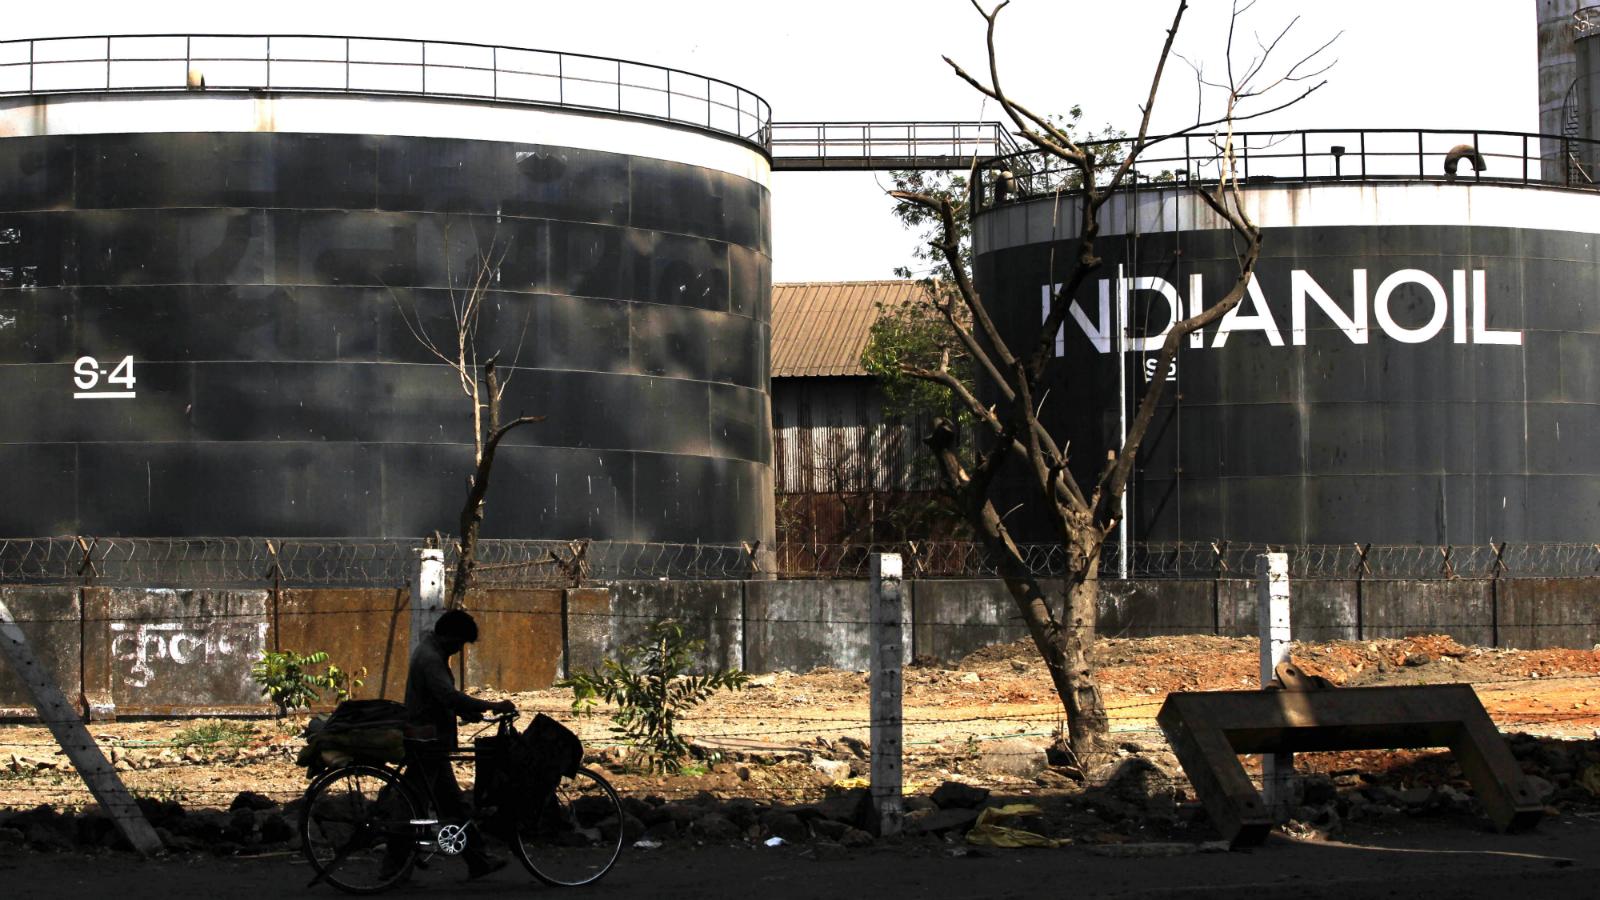 India-Oil-Narendra Modi-China-India-Fuel-Energy